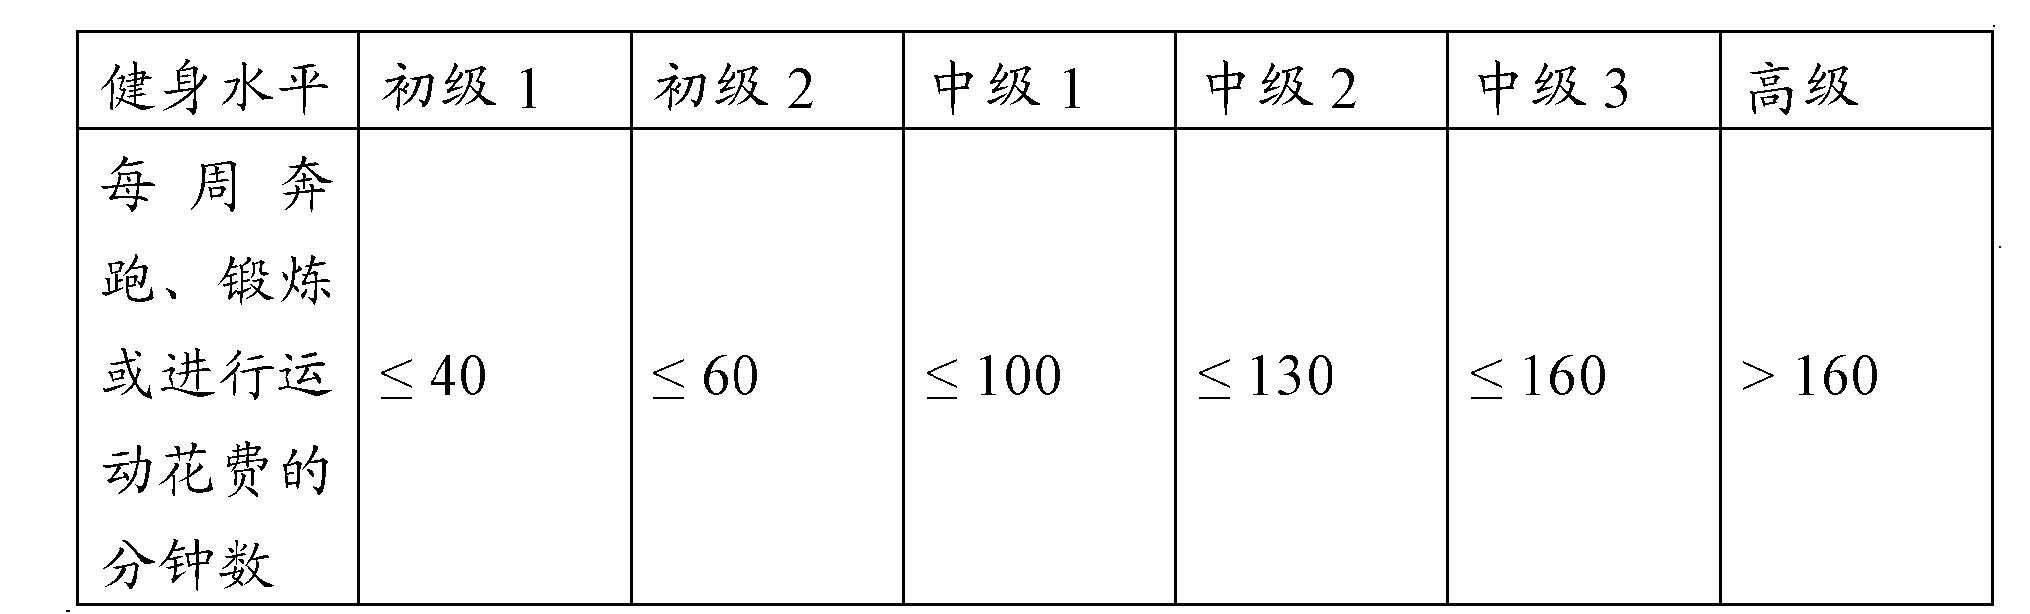 Figure CN102526986BD00281